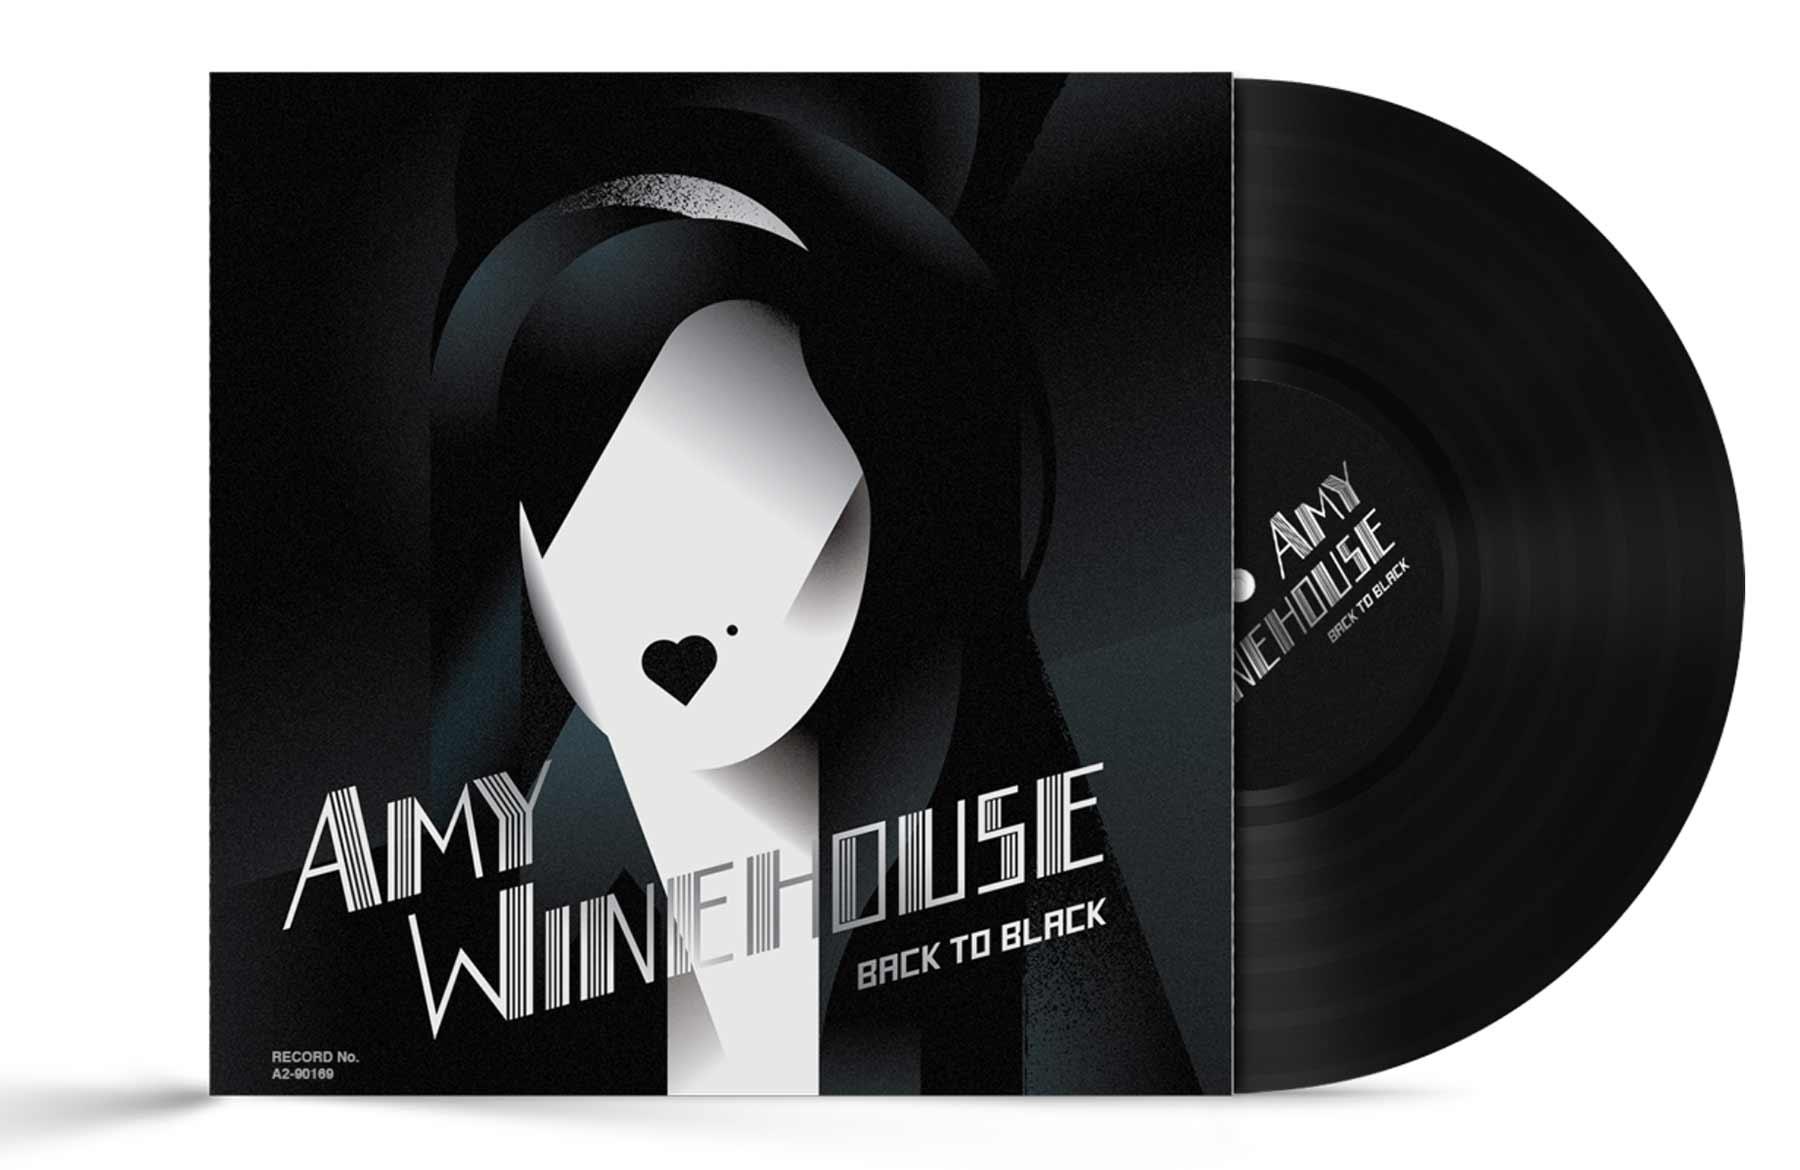 Neu-gestaltete Cover ikonischer Platten reimagined-album-covers_01